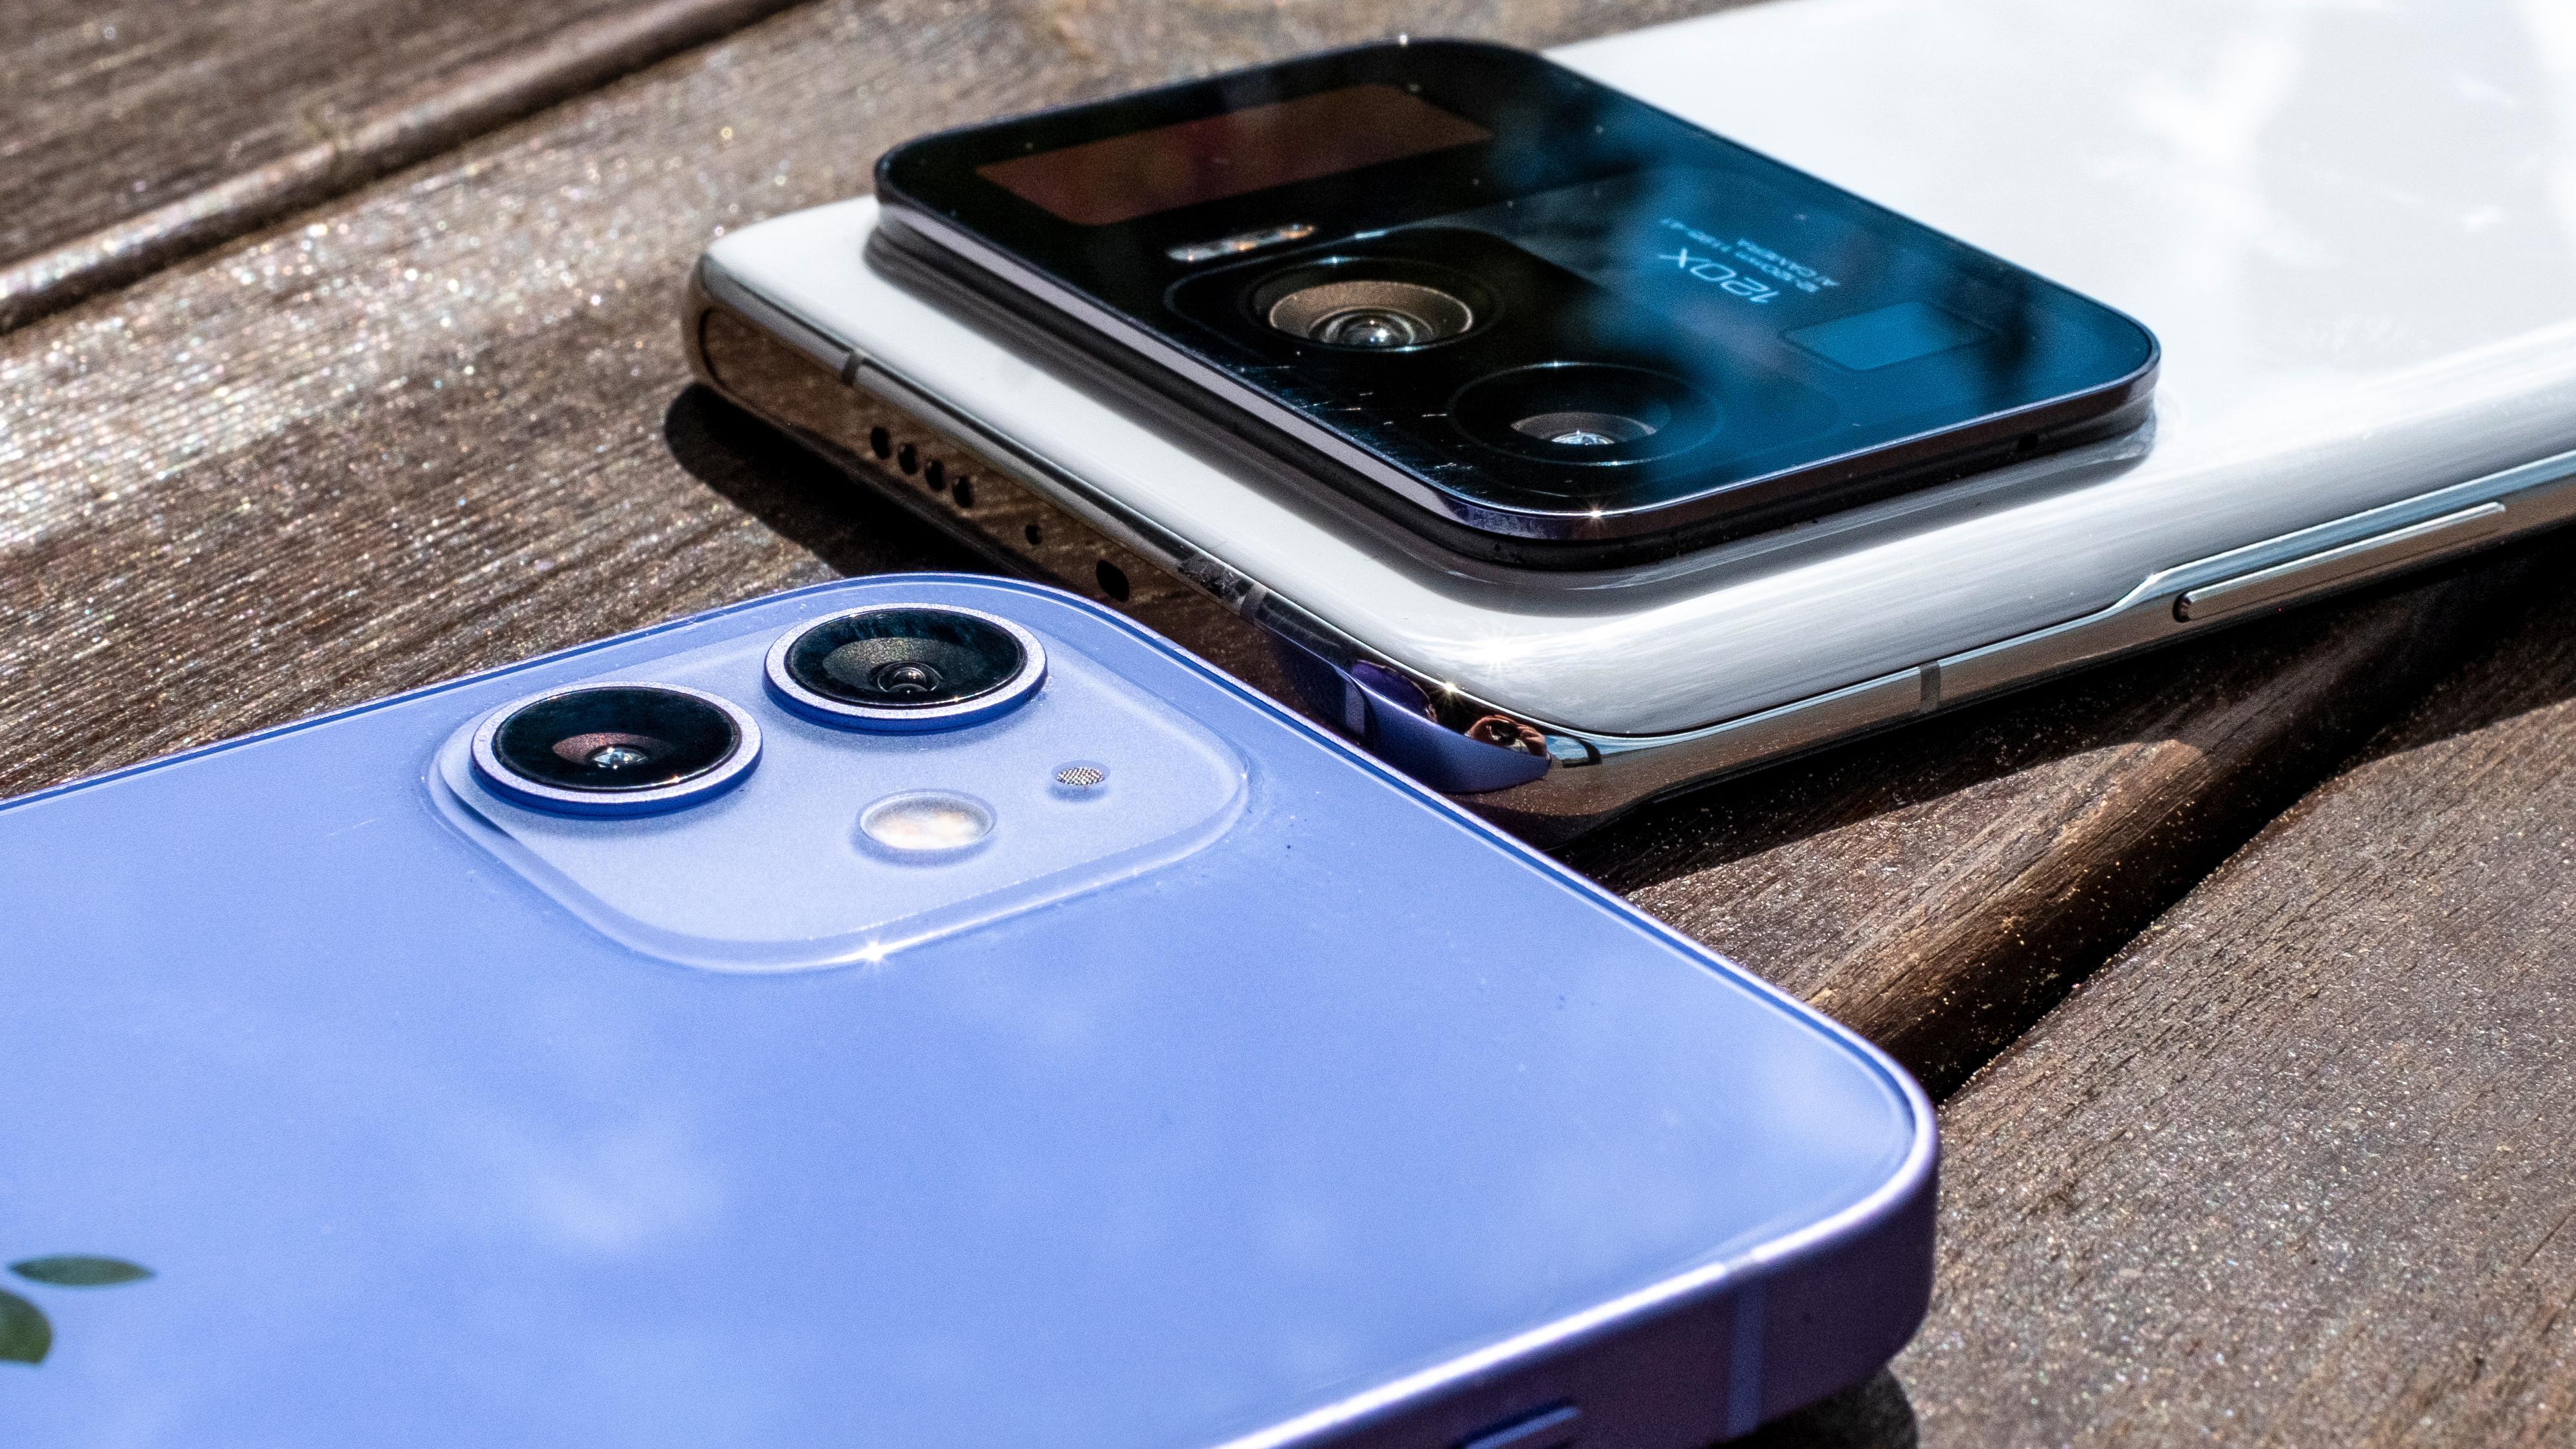 Kamerahumpen på baksiden er rett og slett enorm - spesielt når den sammenliknes med betydelig mer moderat utstyr fra for eksempel Apple - her en vanlig iPhone 12.